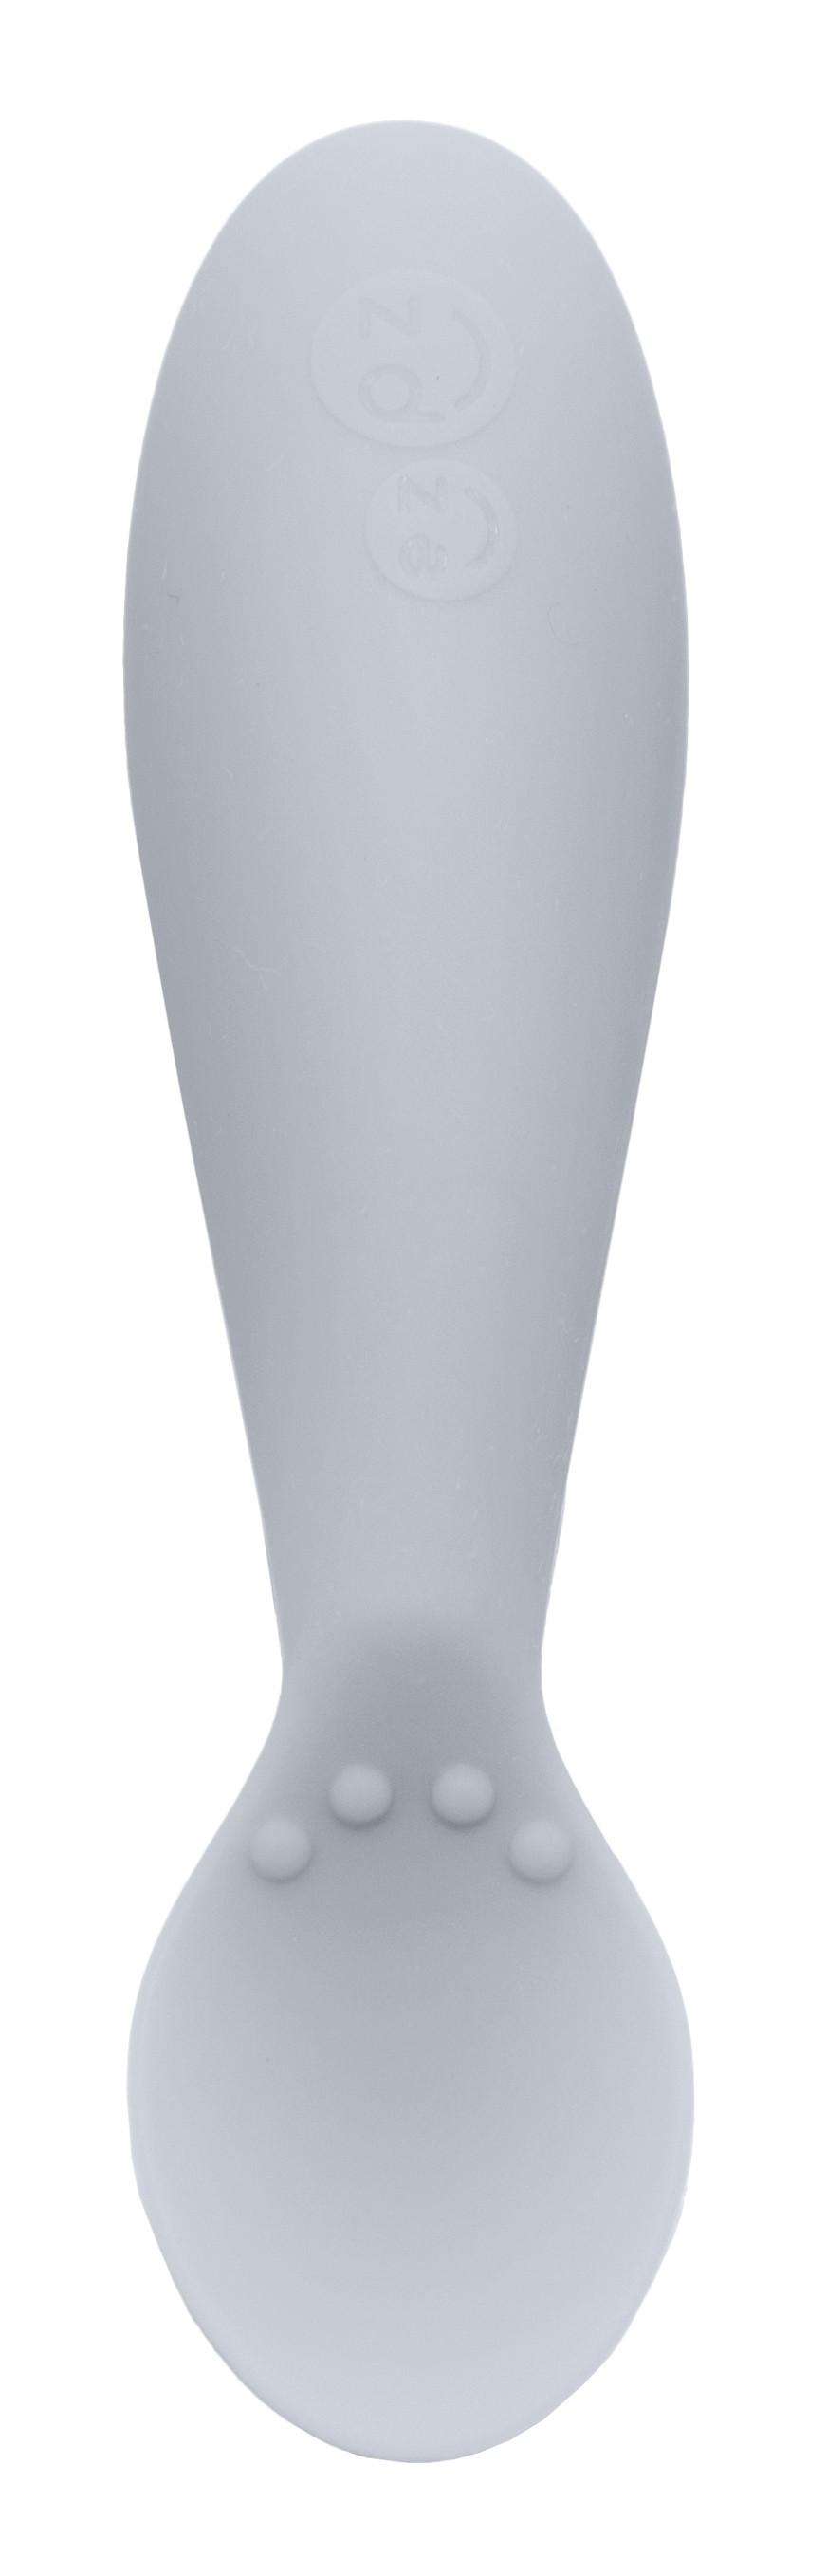 Ложка серый (2 ед. в наборе)